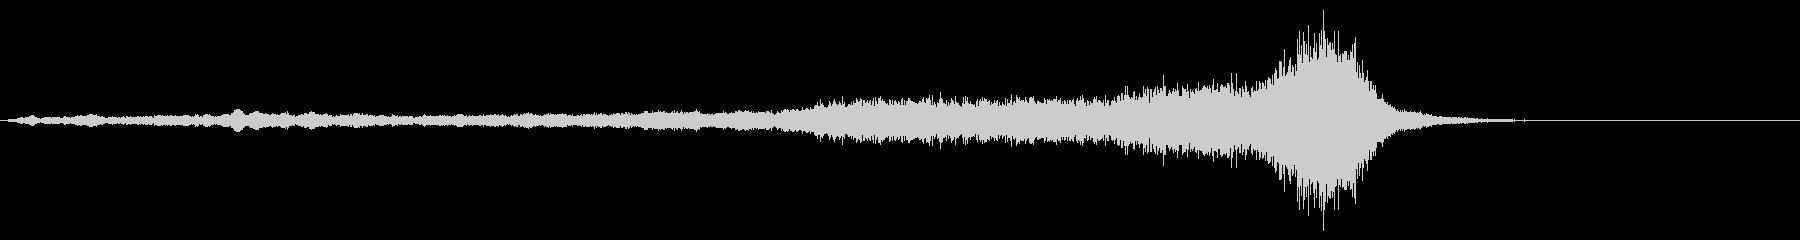 ホラー系効果音19の未再生の波形